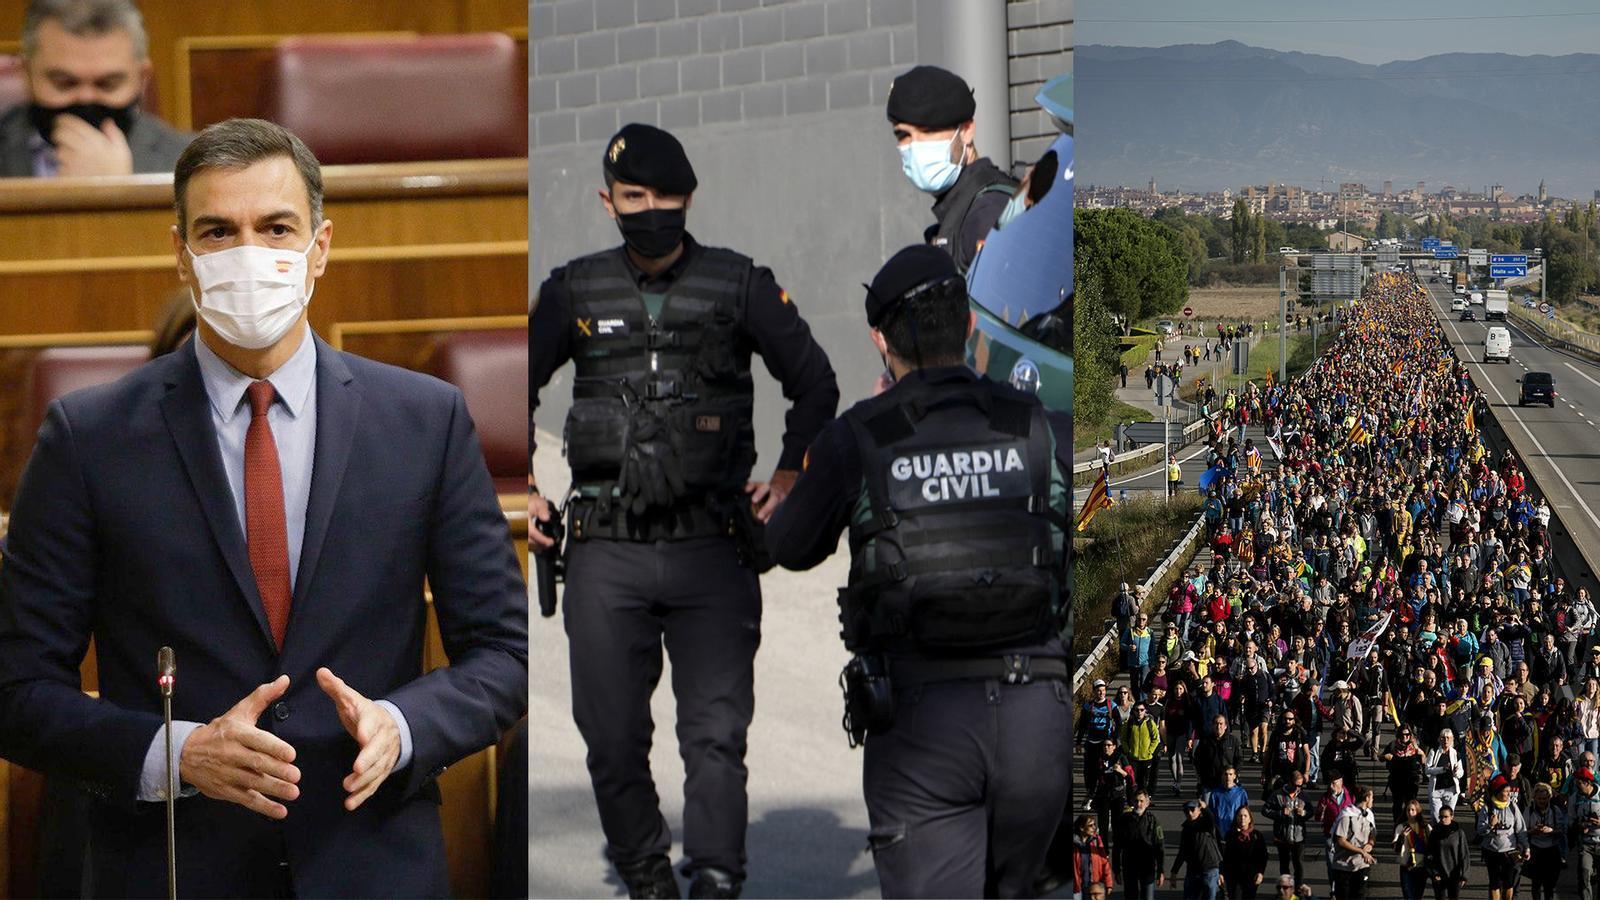 L'anàlisi d'Antoni Bassas: Repressió, la resposta política